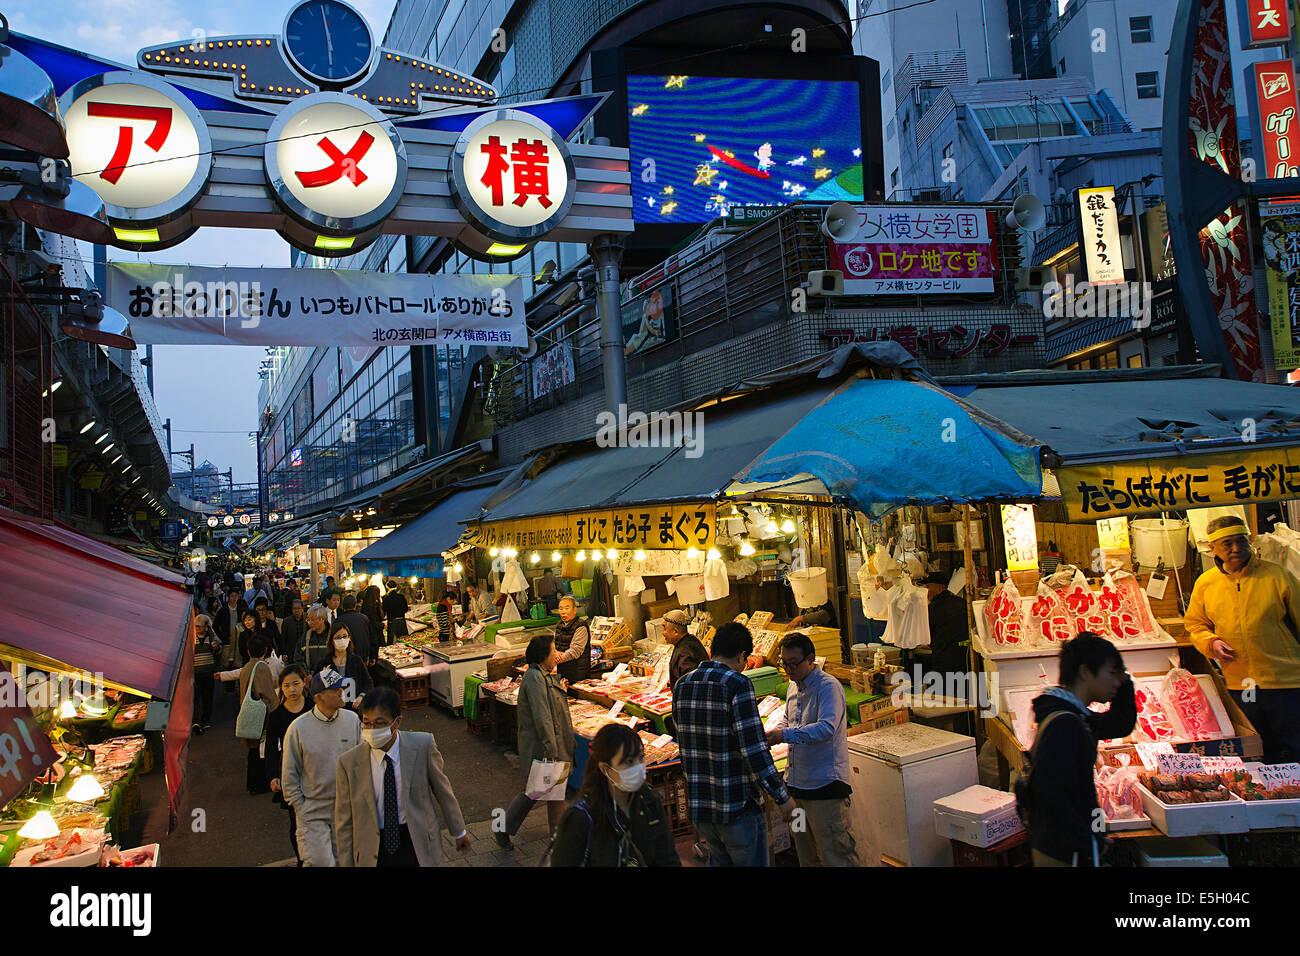 Ueno okachimachi mercado, Tokio, Japón. Imagen De Stock